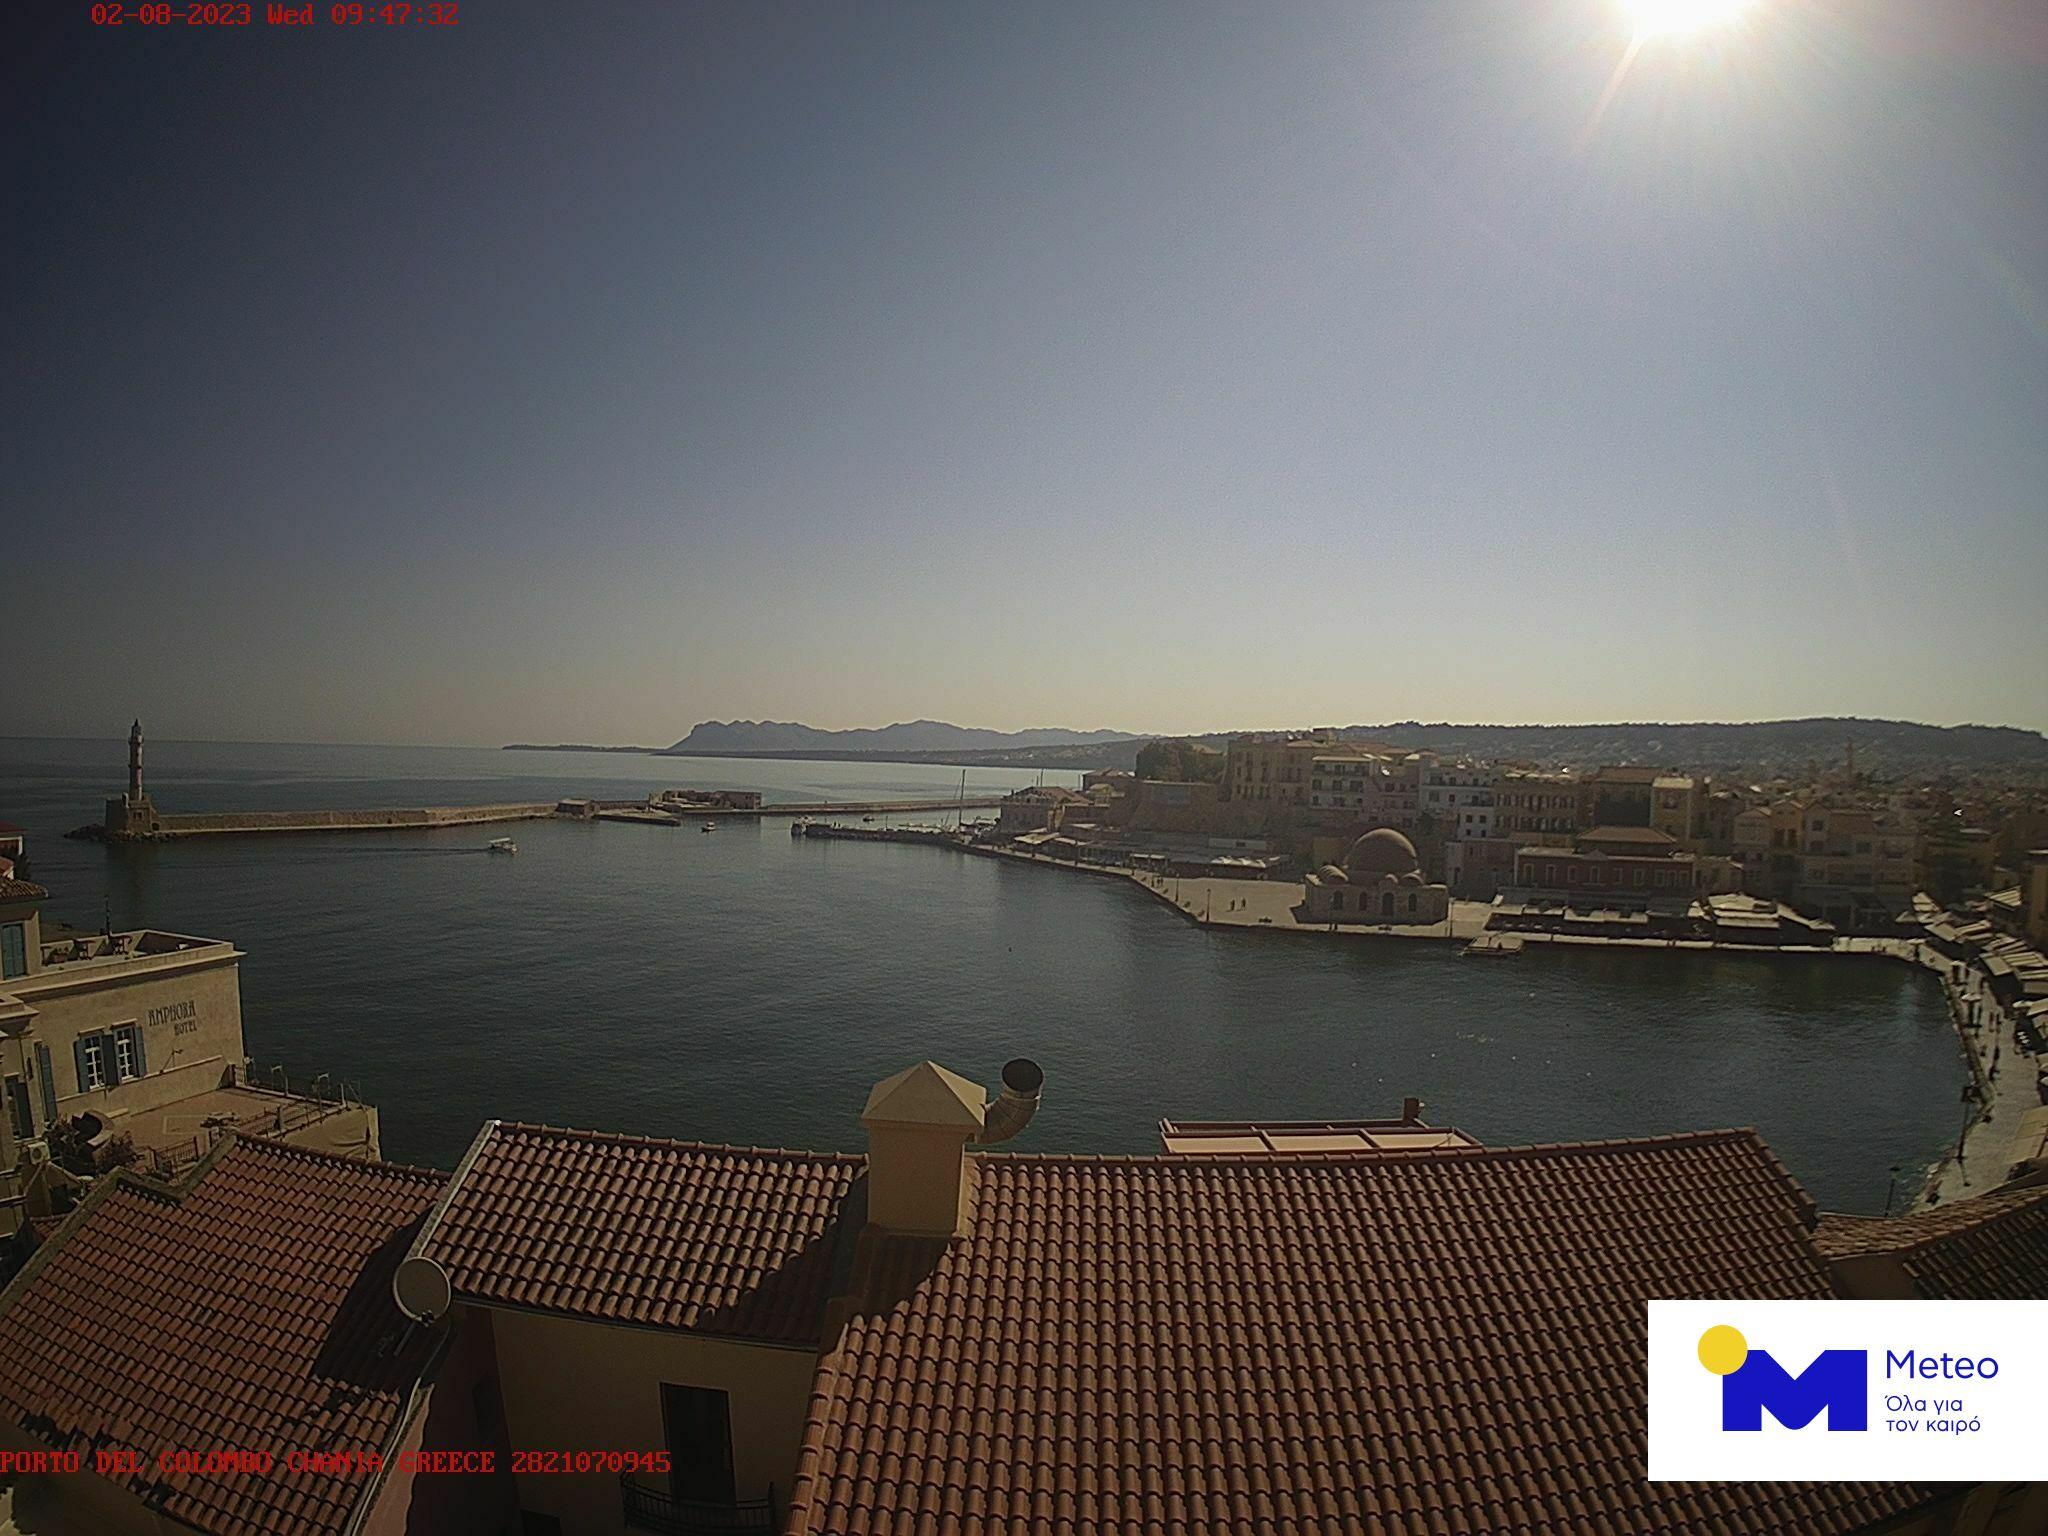 Chania (Crete) Mon. 09:51